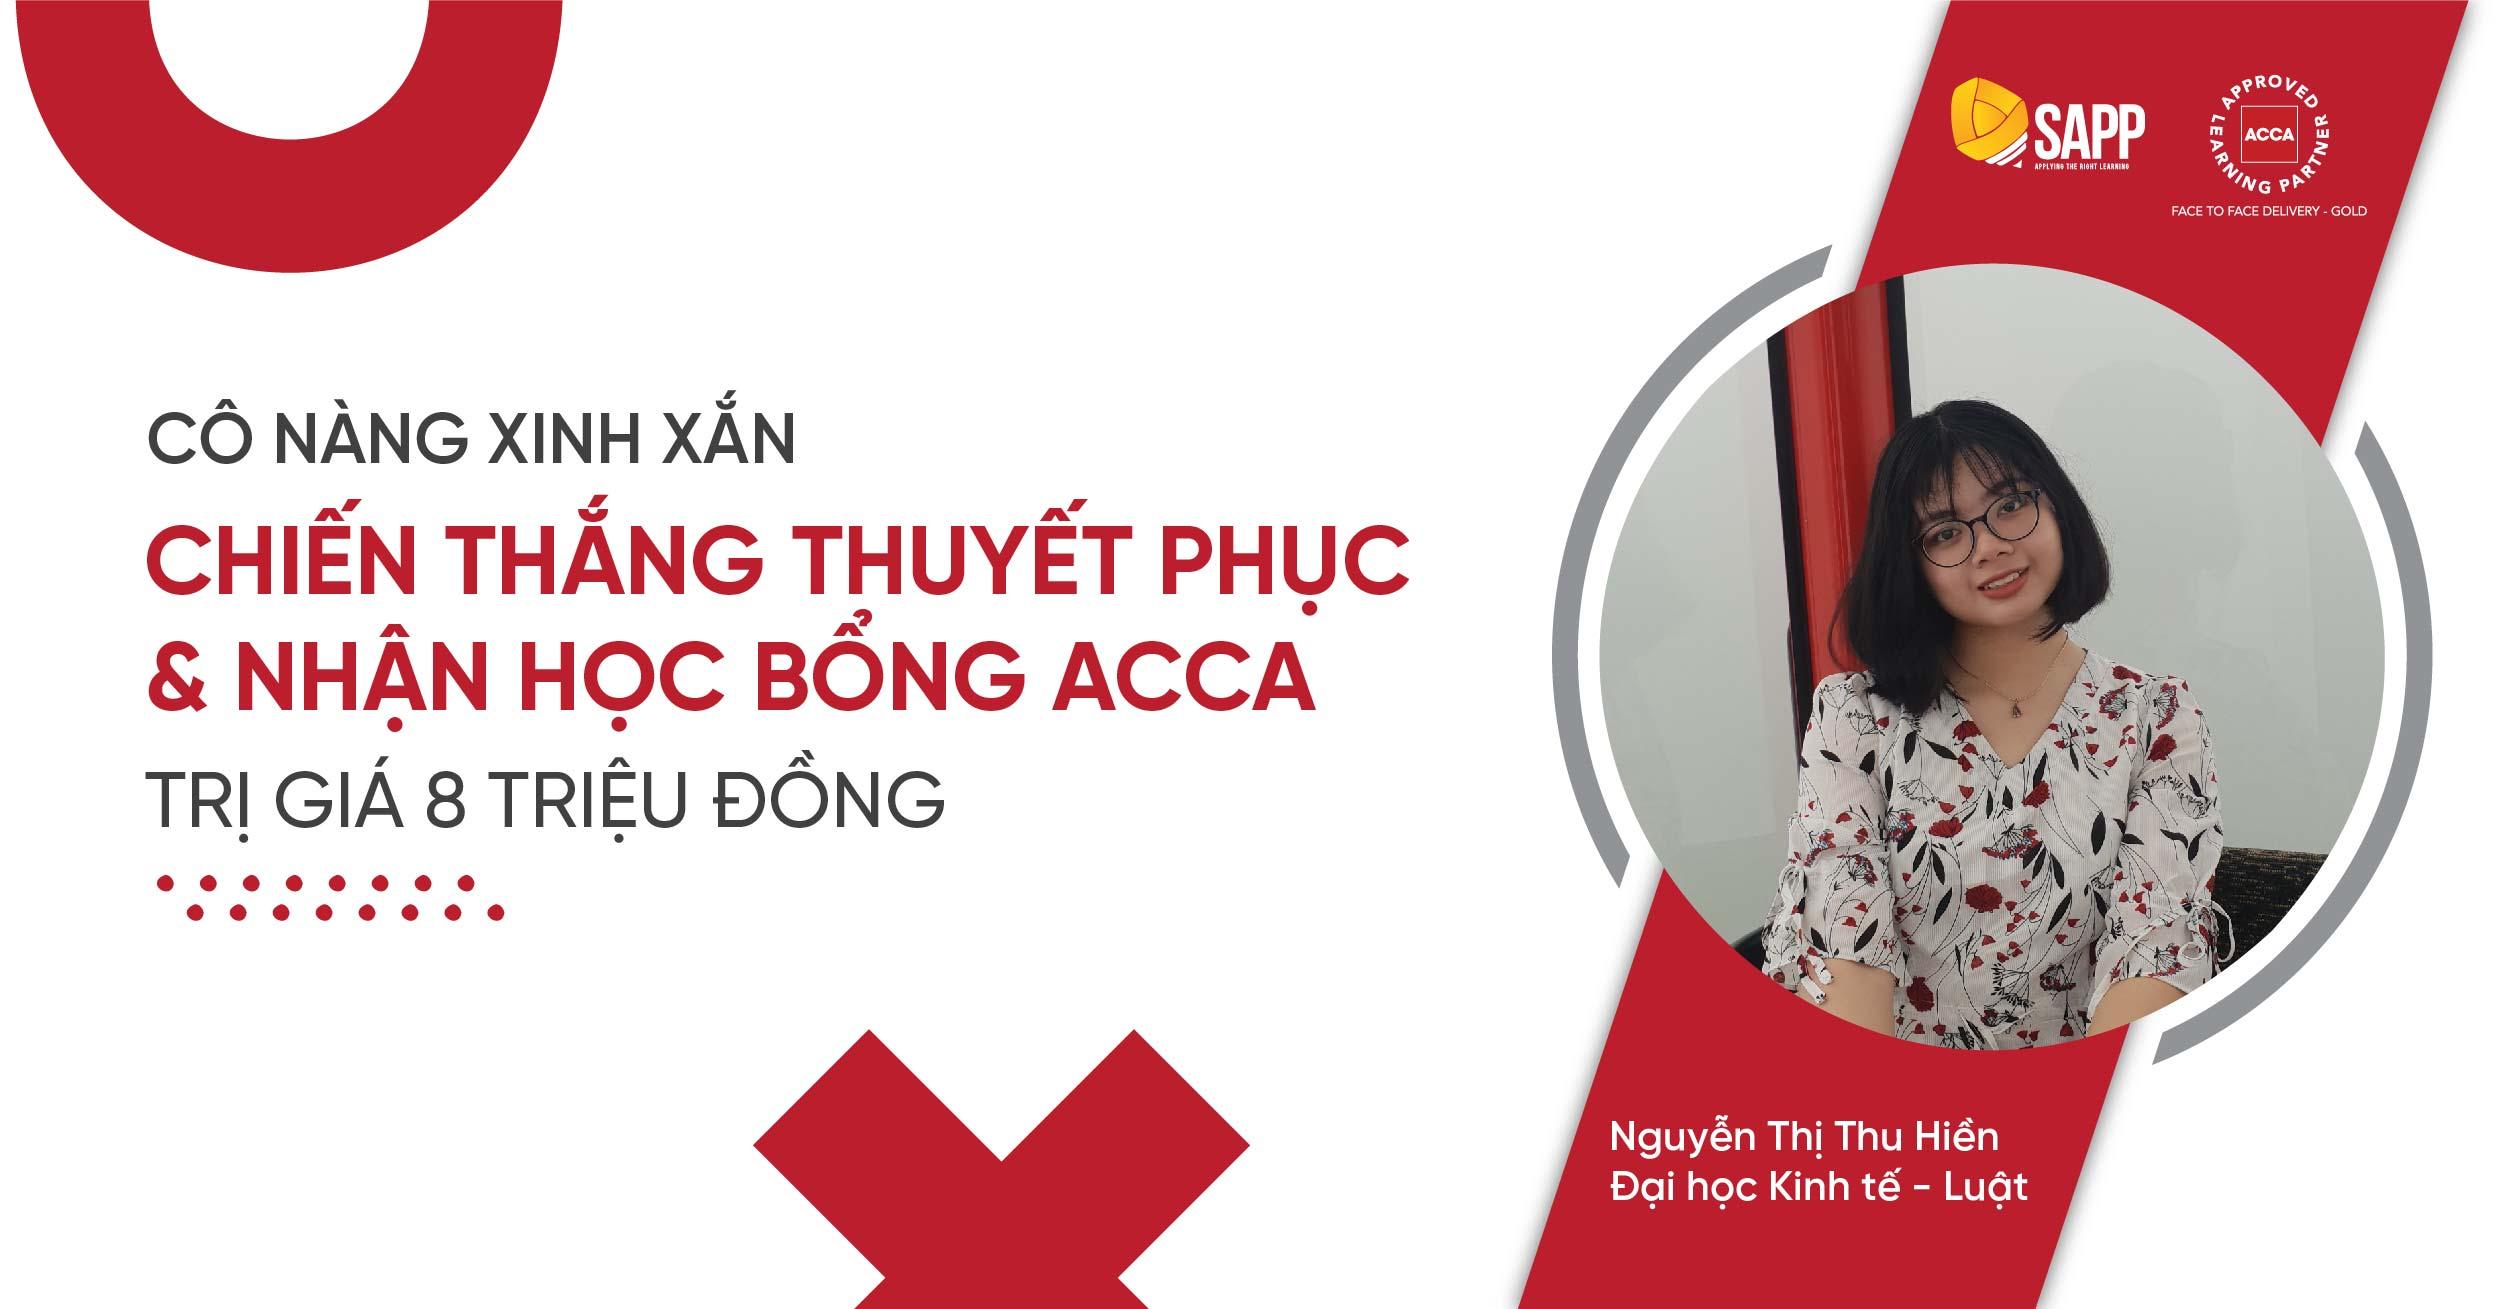 Học viên SAPP Academy nhận học bổng ACCA trị giá 8 triệu đồng